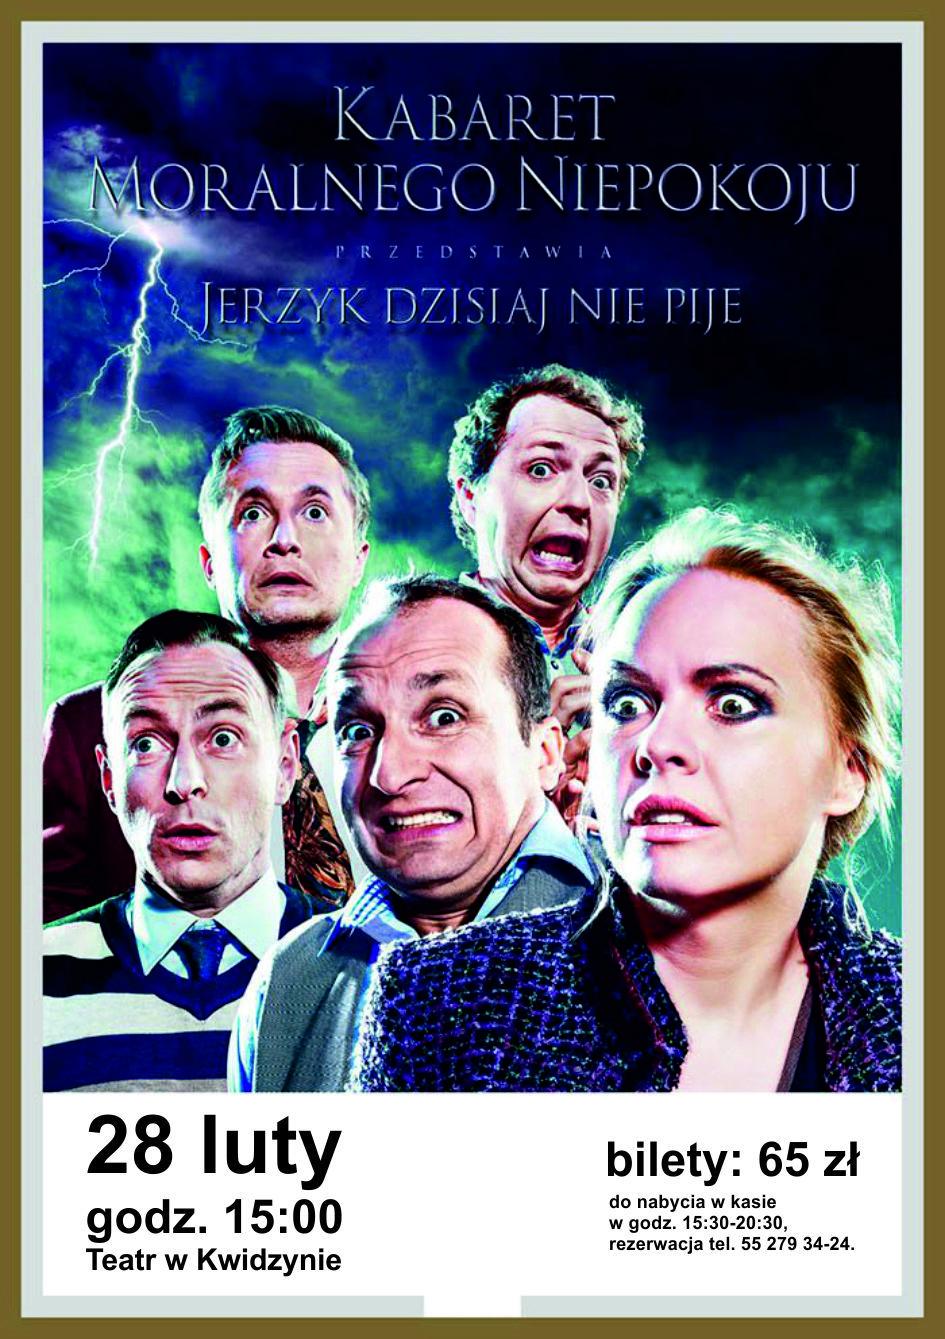 Kabaret Moralnego Niepokoju 28 02 2016 R Movie Posters Poster Movies